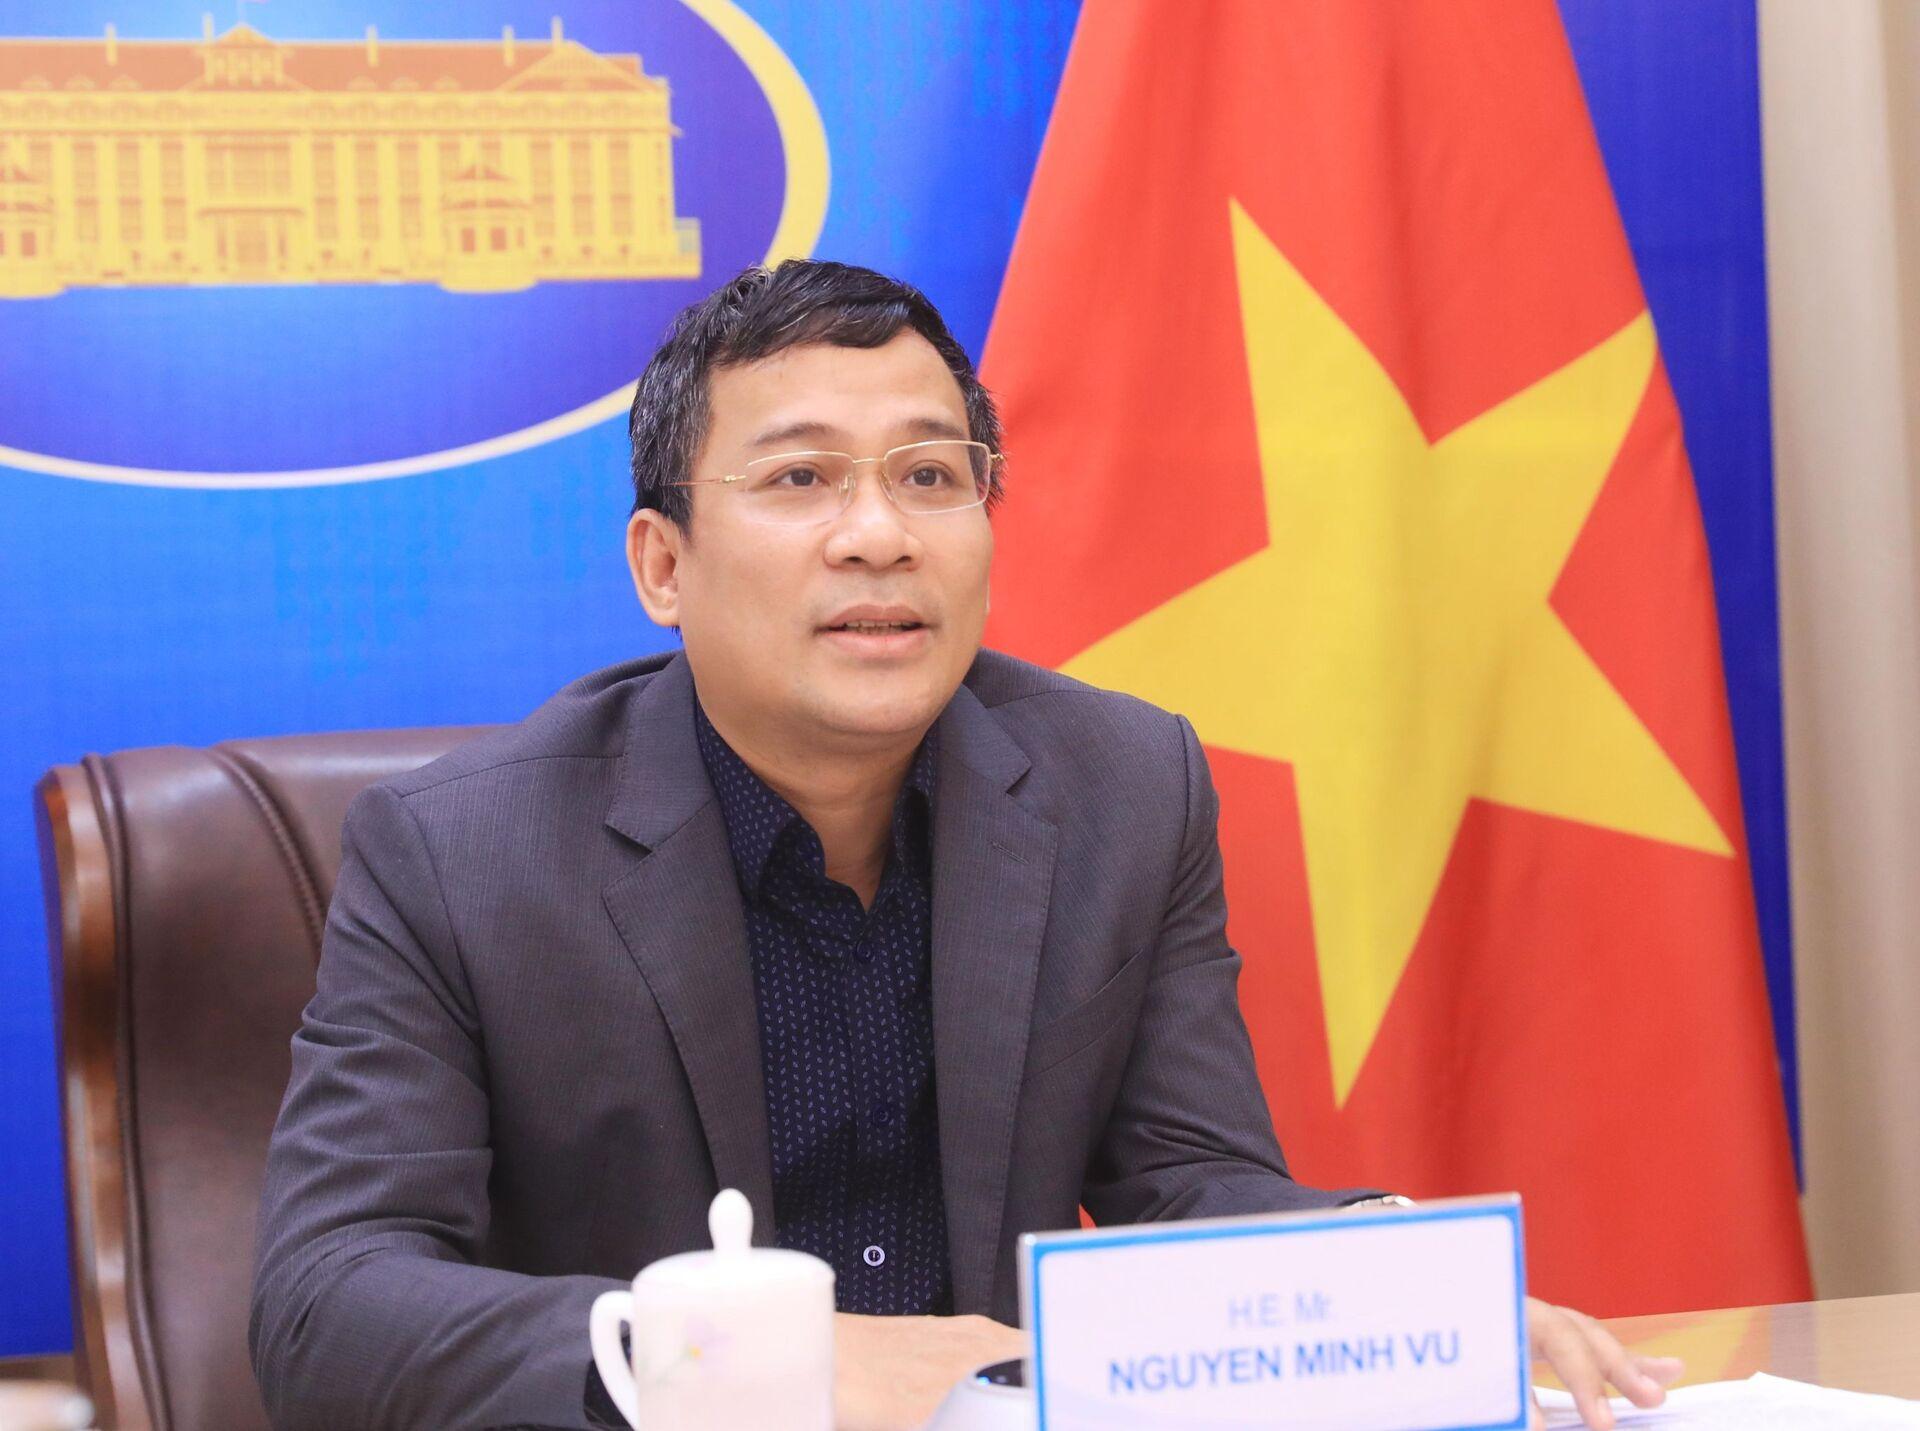 Thứ trưởng Ngoại giao Nguyễn Minh Vũ phát biểu tại buổi hội đàm - Sputnik Việt Nam, 1920, 05.10.2021